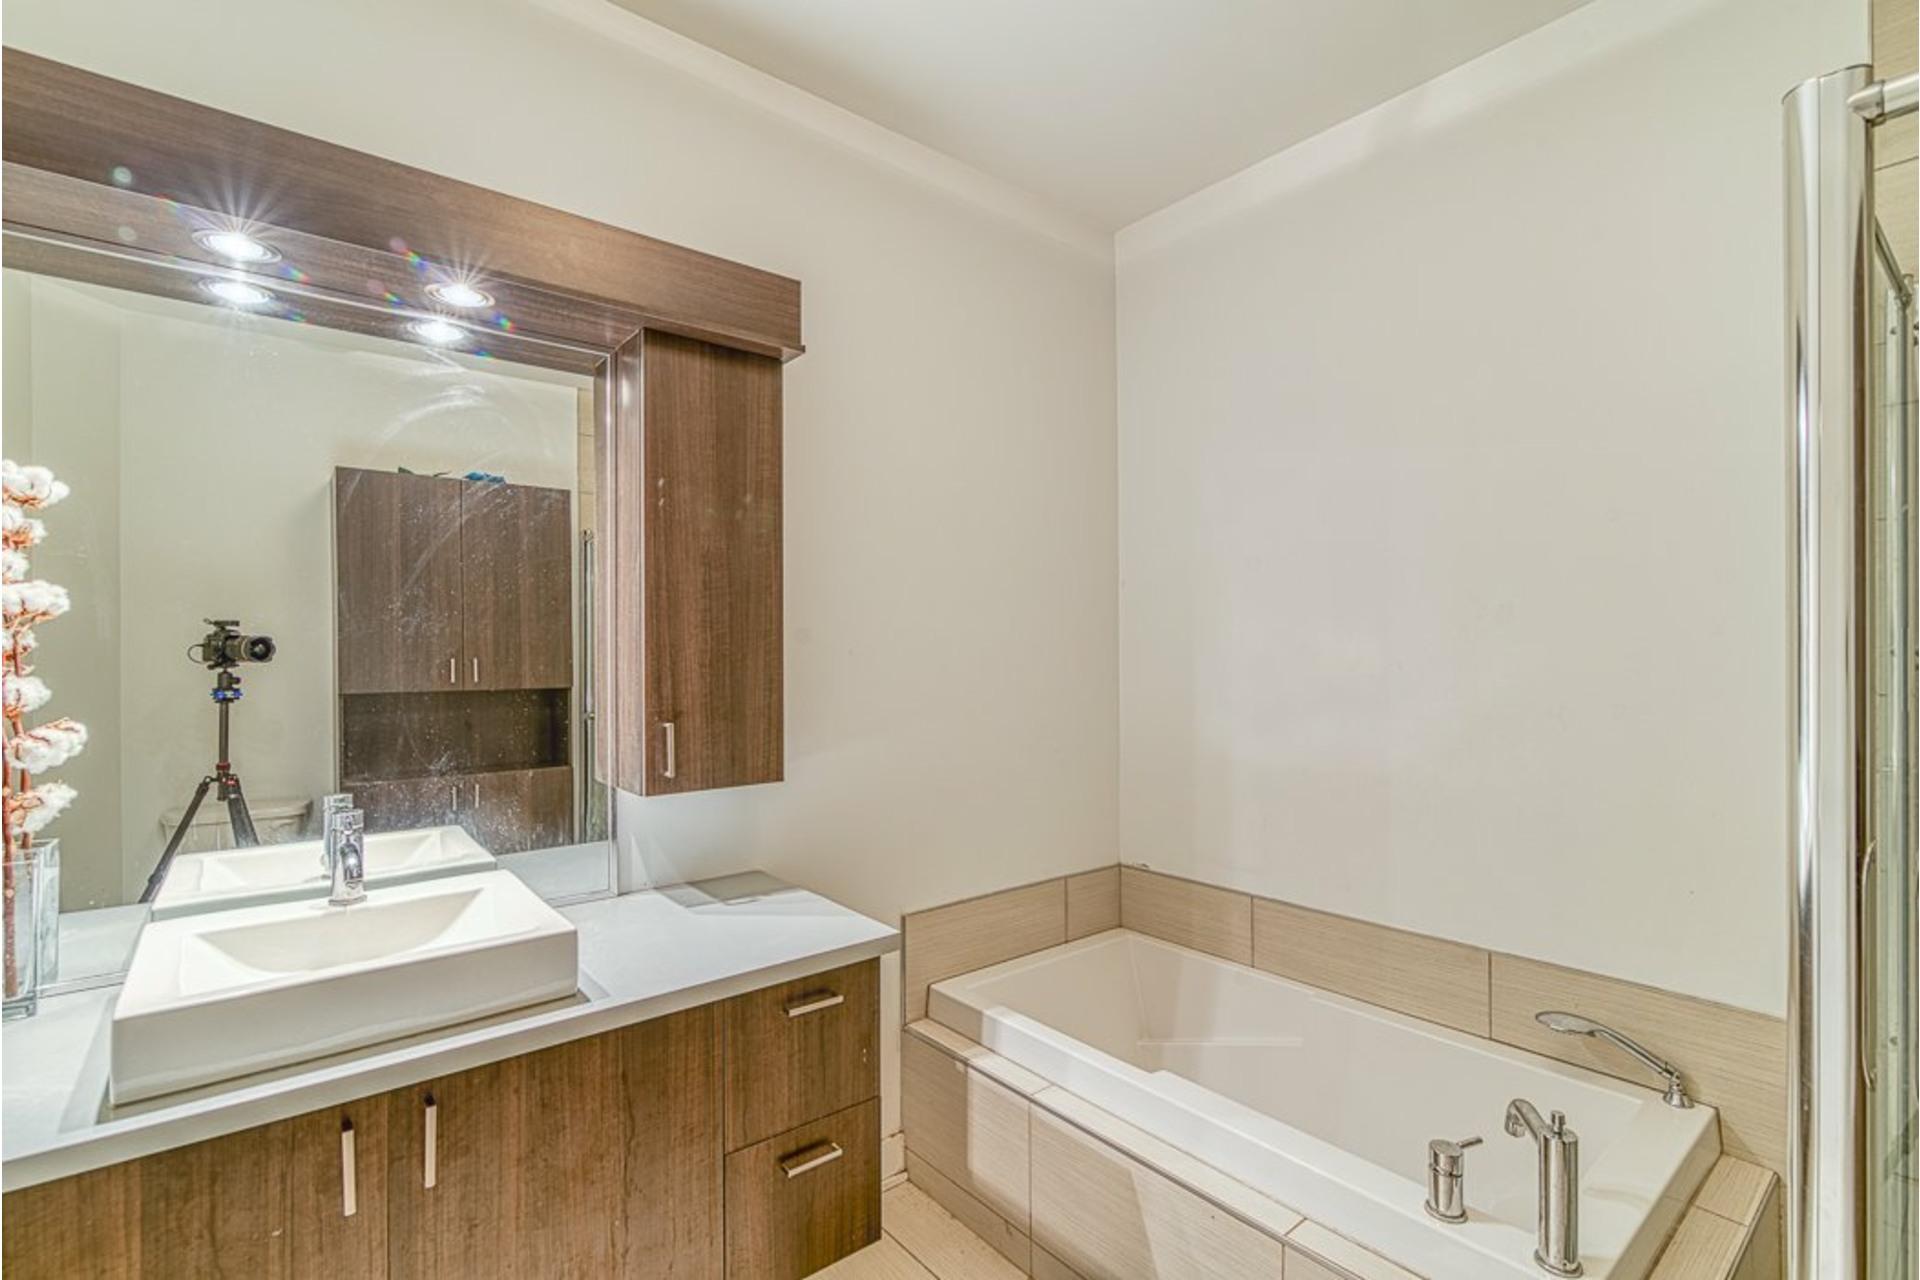 image 22 - Appartement À vendre Villeray/Saint-Michel/Parc-Extension Montréal  - 6 pièces